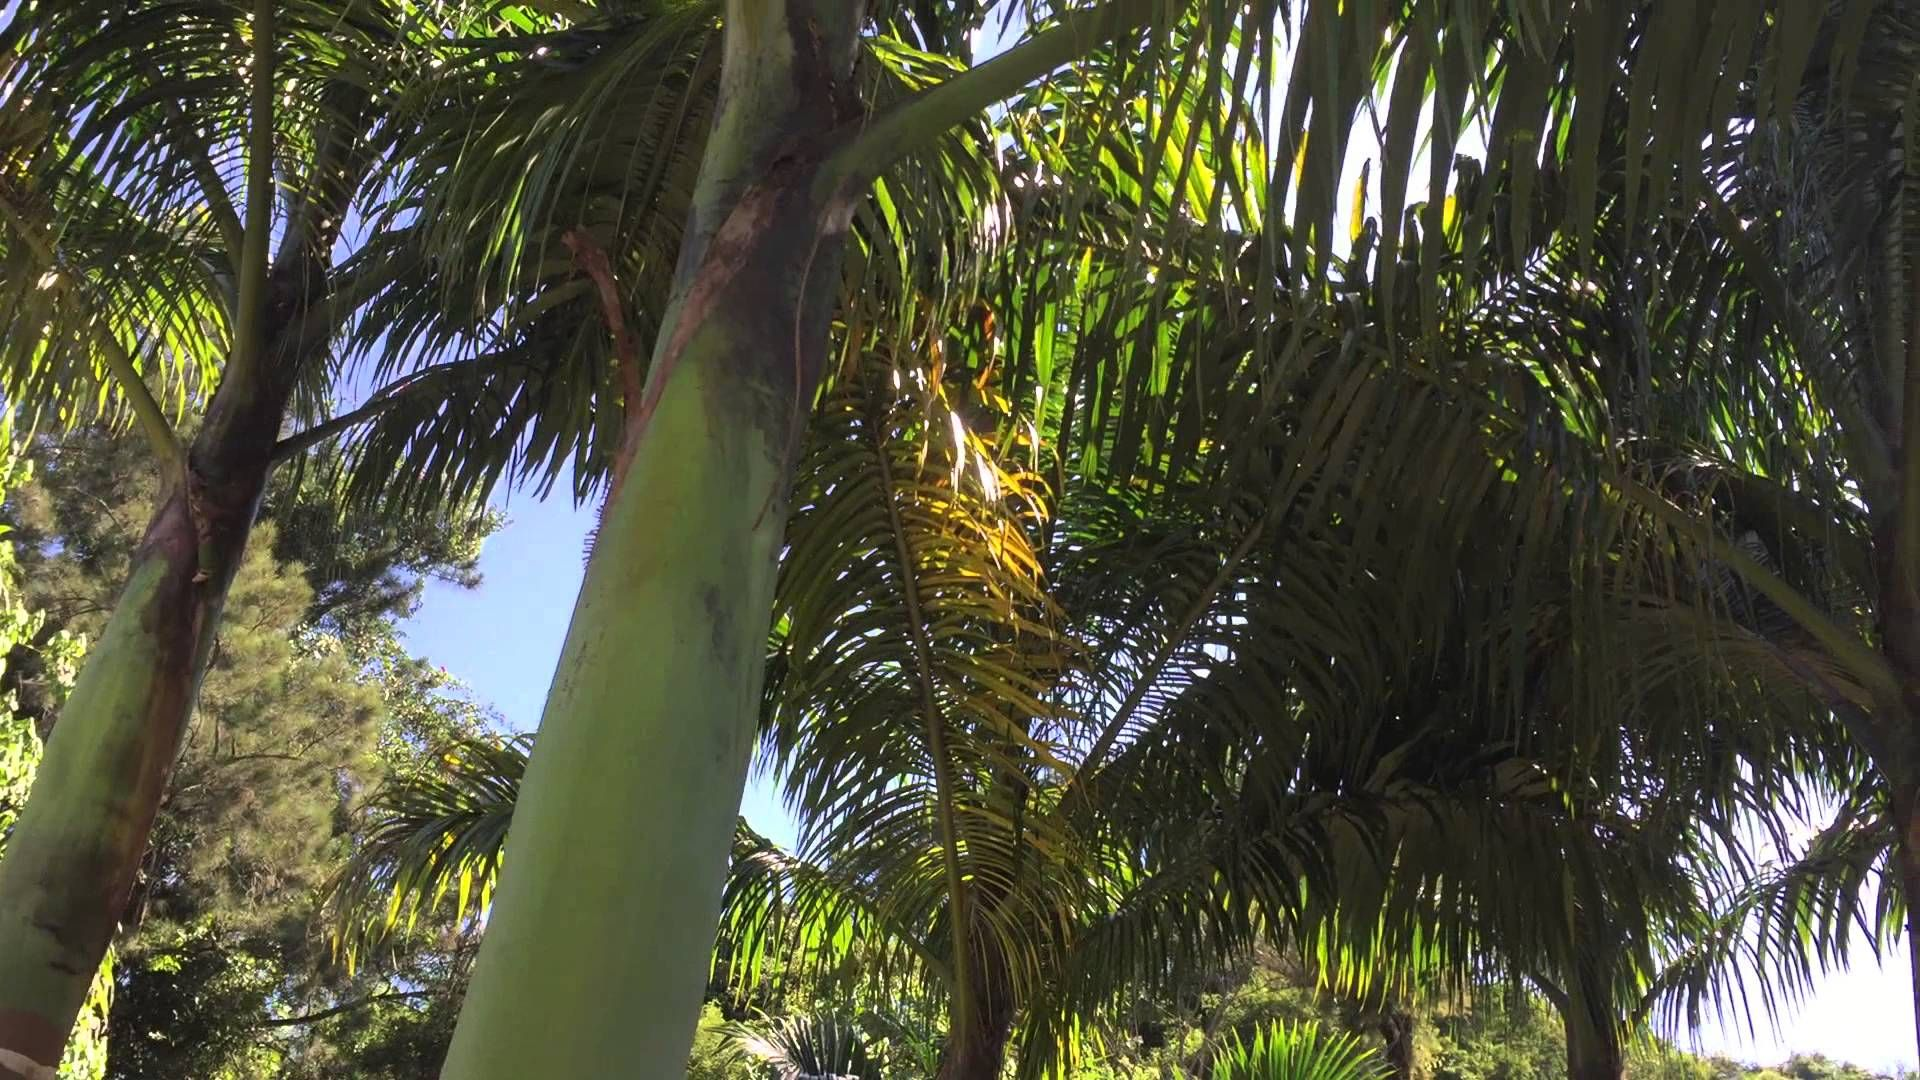 Tiguera 360: Vista da Sacada na Frente da Casa. IMG_8268. 504,4 MB. 09h5...